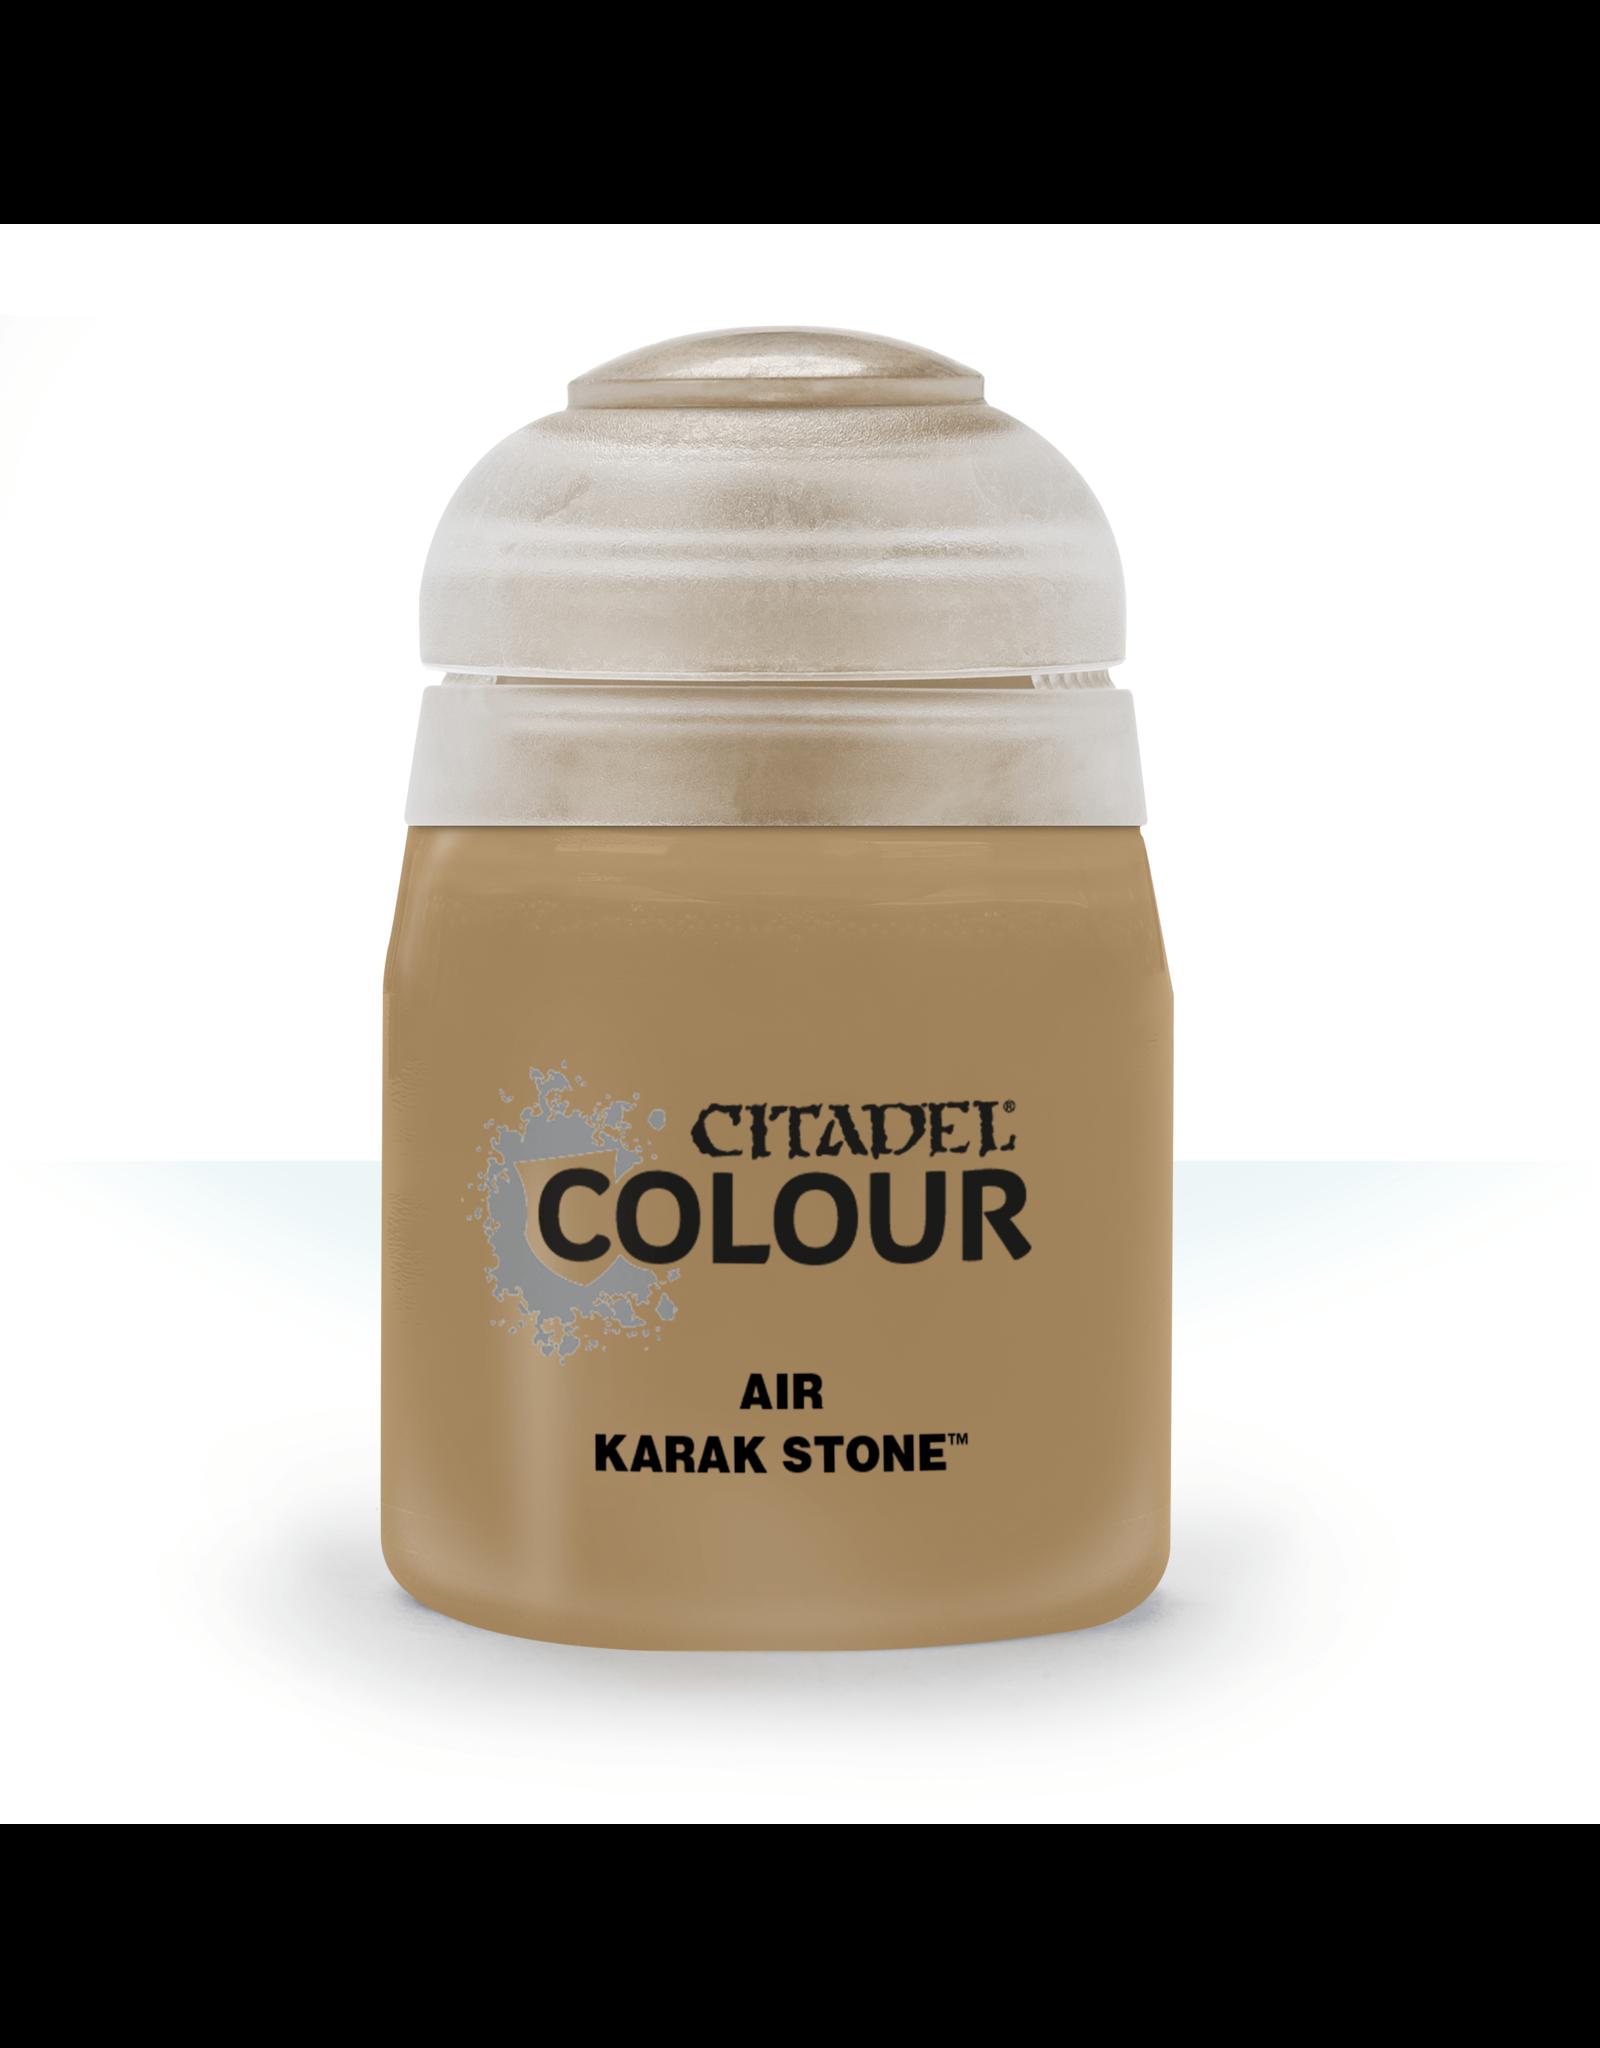 Citadel Citadel Paints: Air - Karak Stone